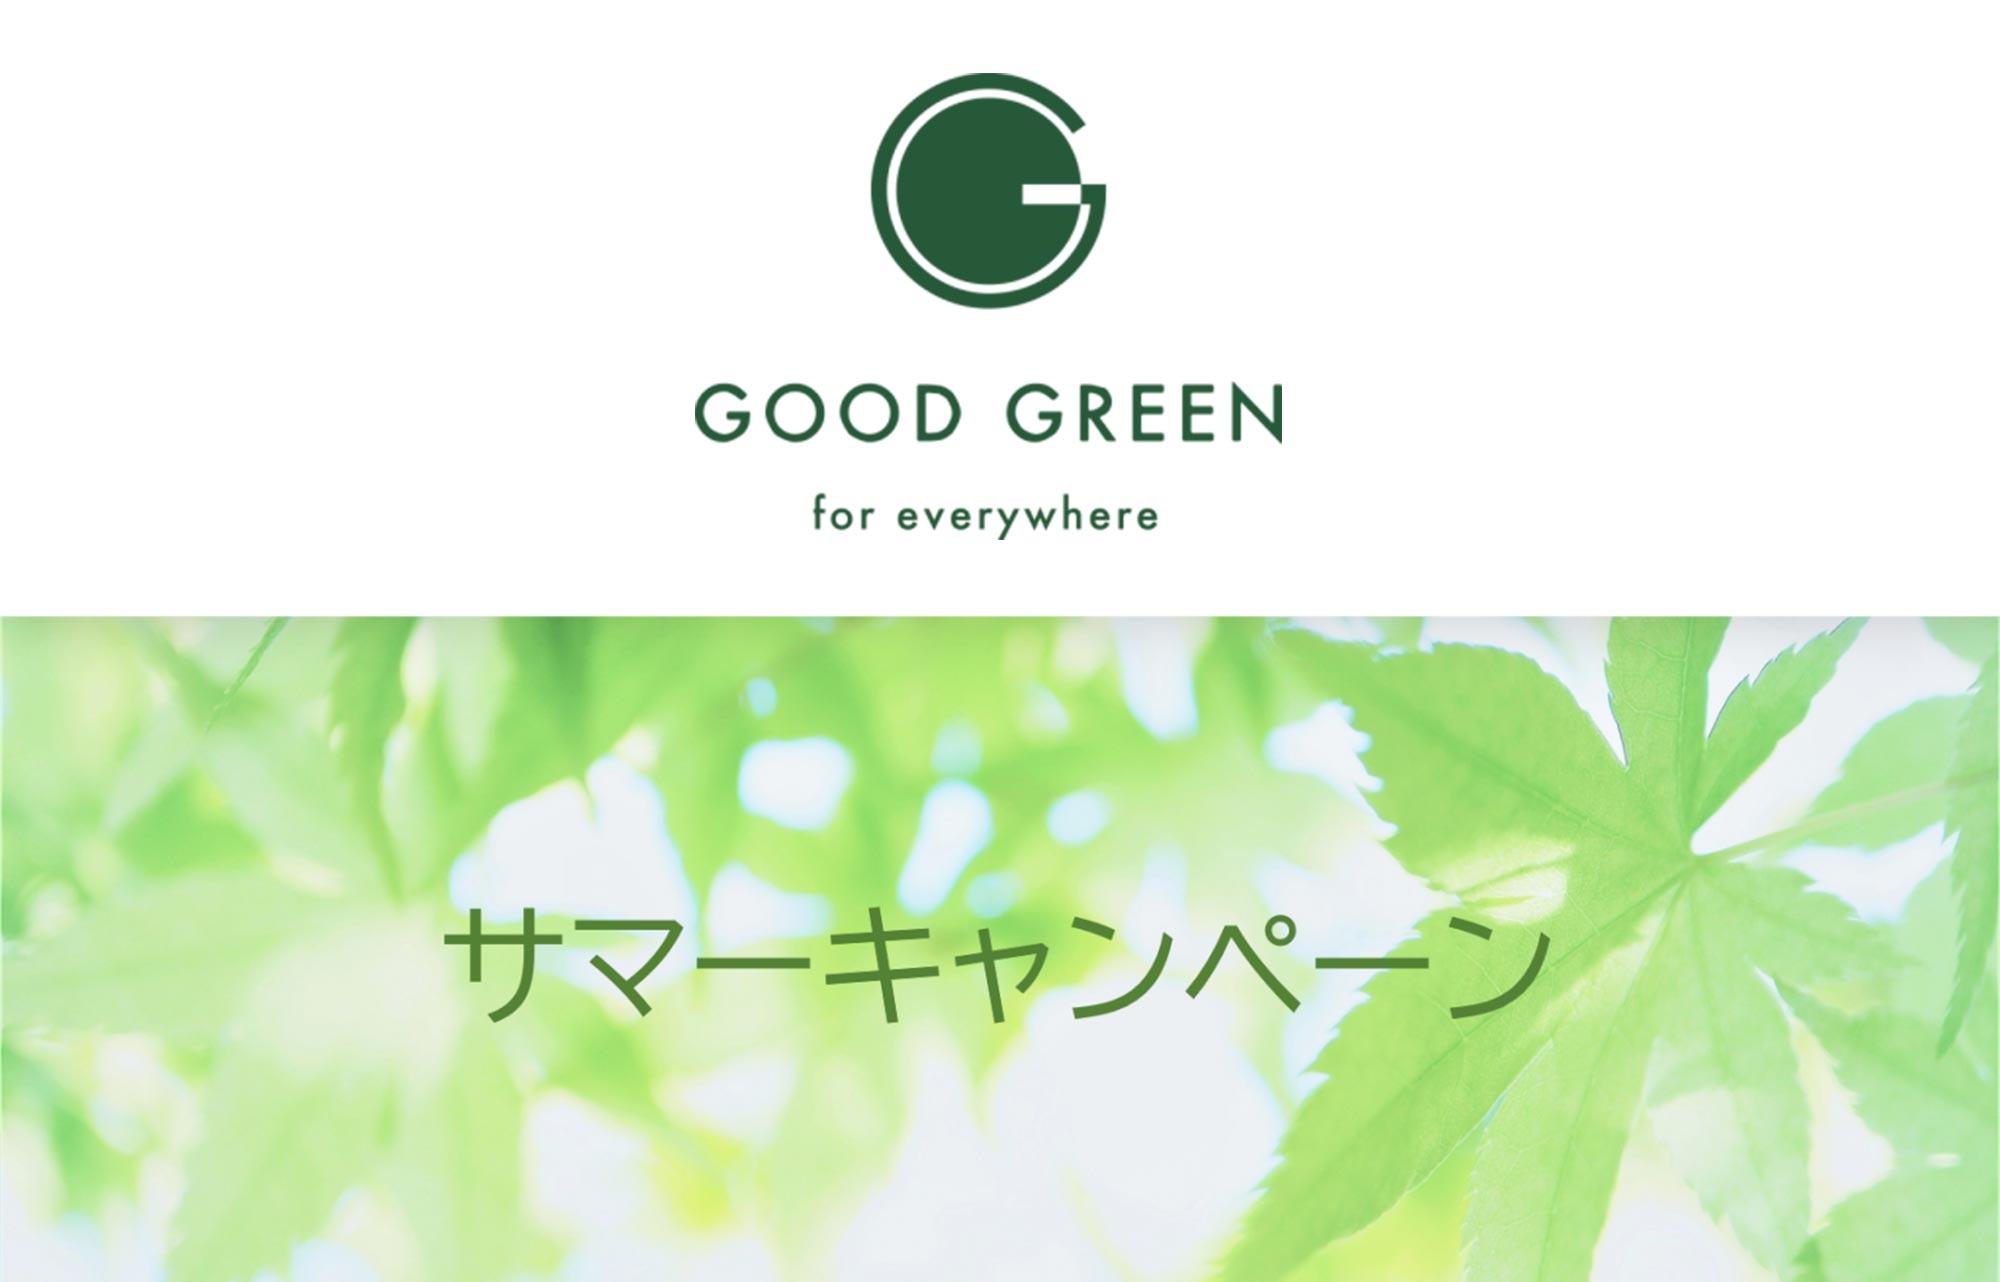 2021年7月1~31日 サマーキャンペーン実施中! 観葉植物レンタル・リースのGOOD GREENグッドグリーン